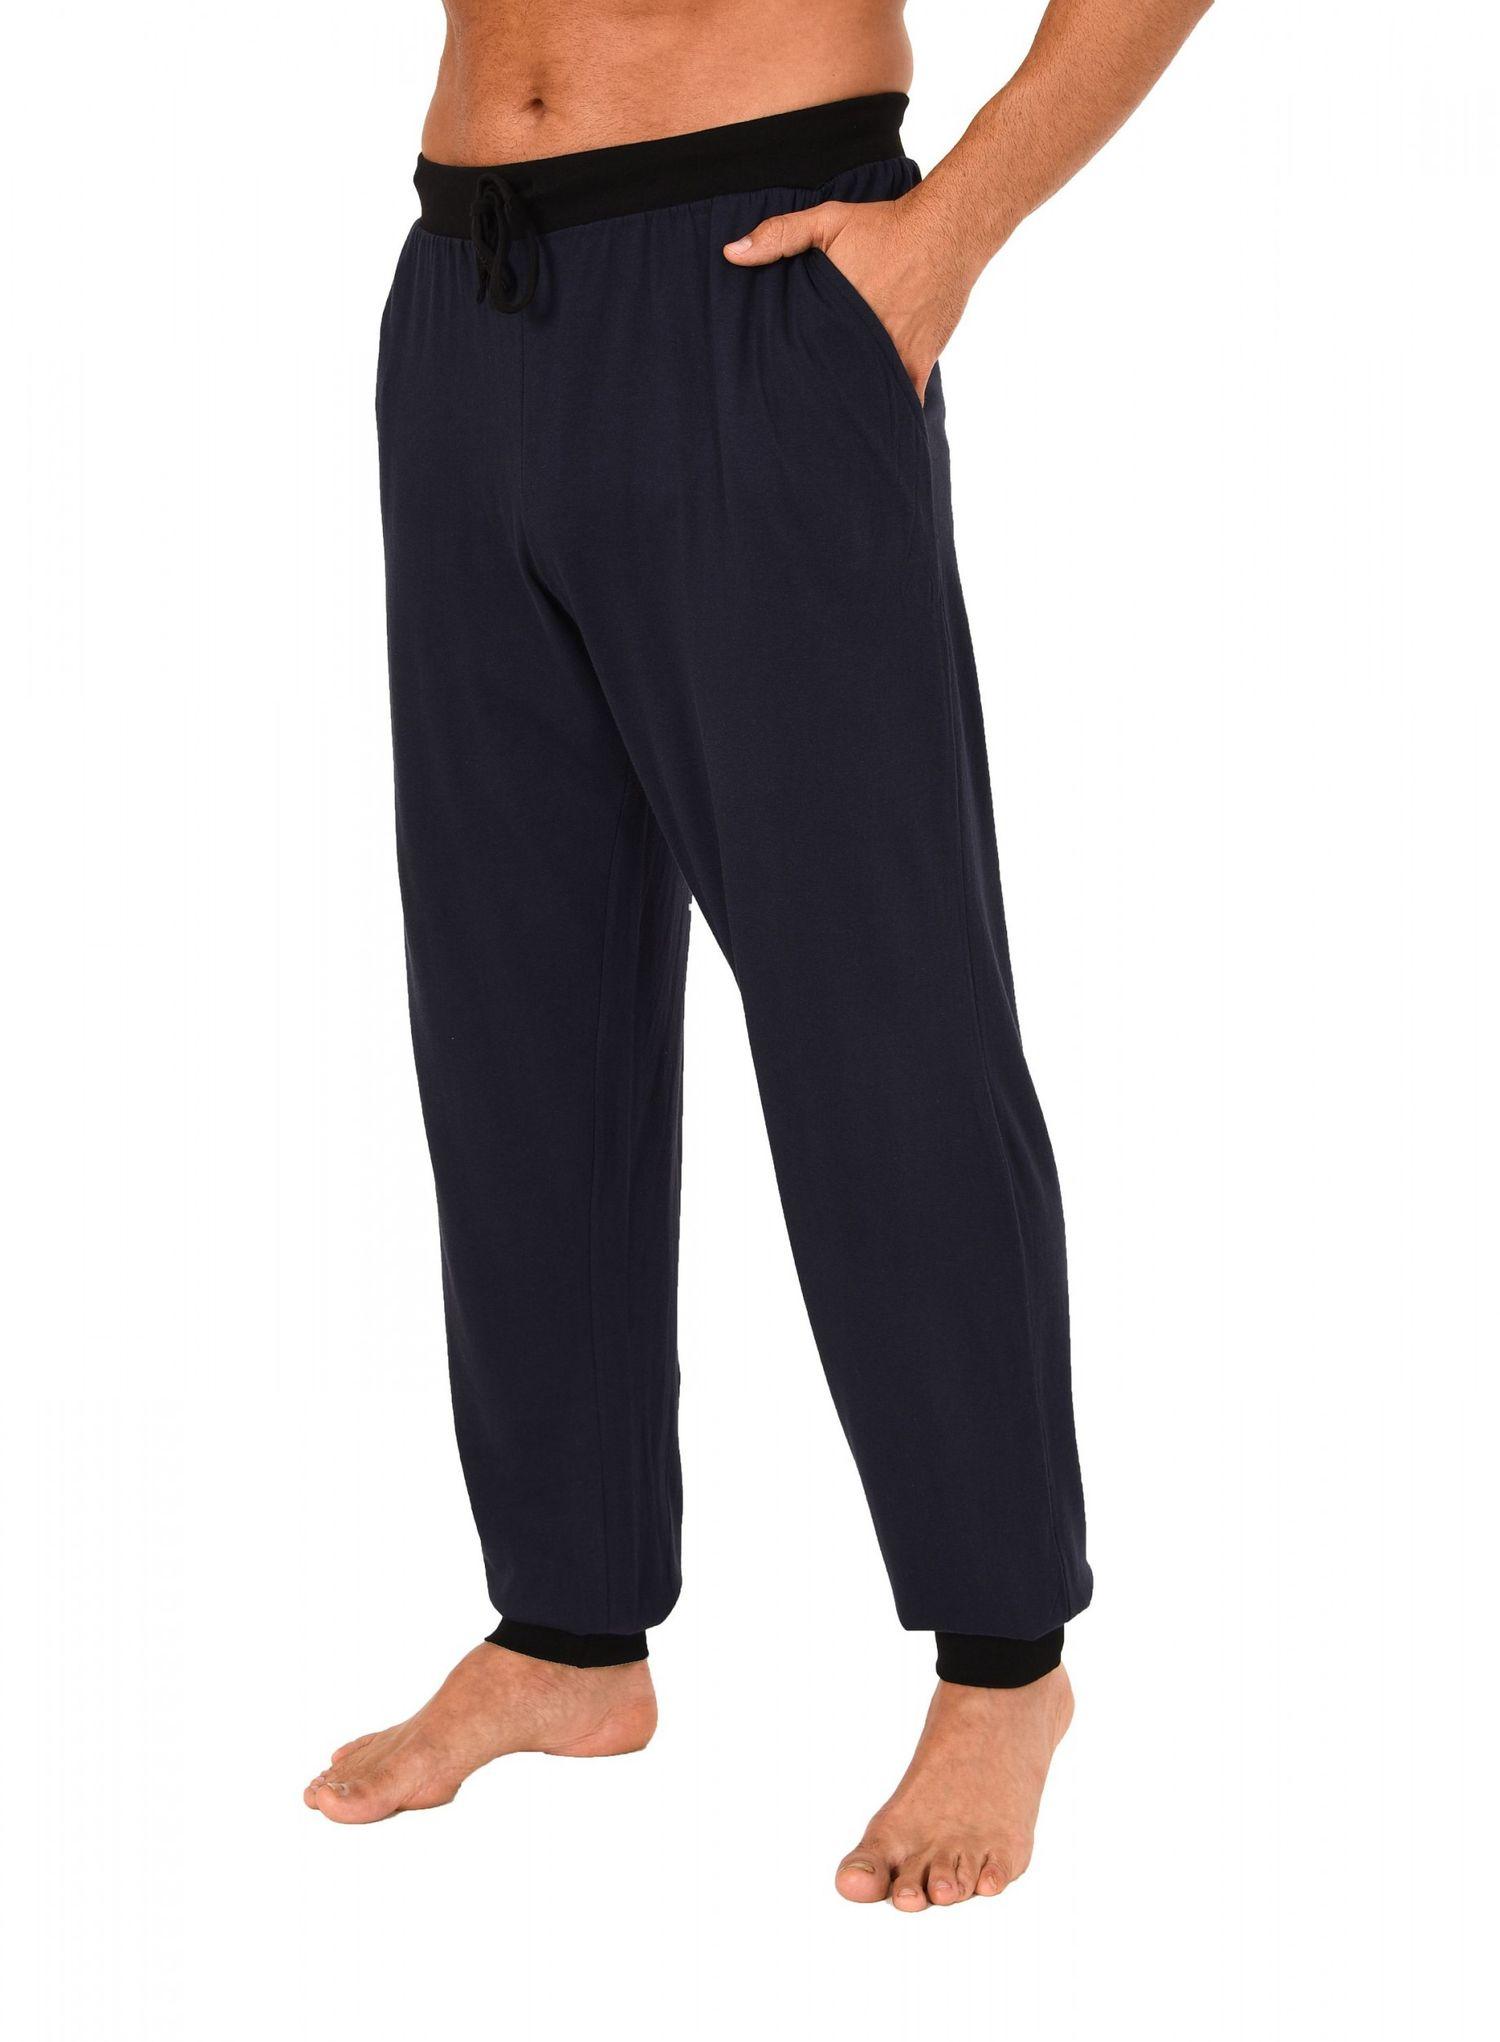 5bef0561ea38 Herren Pyjama Hose lang – Mix   Match – ideal zu kombinieren – 122 90 522    Wäscheland - Tag und Nachtwäsche